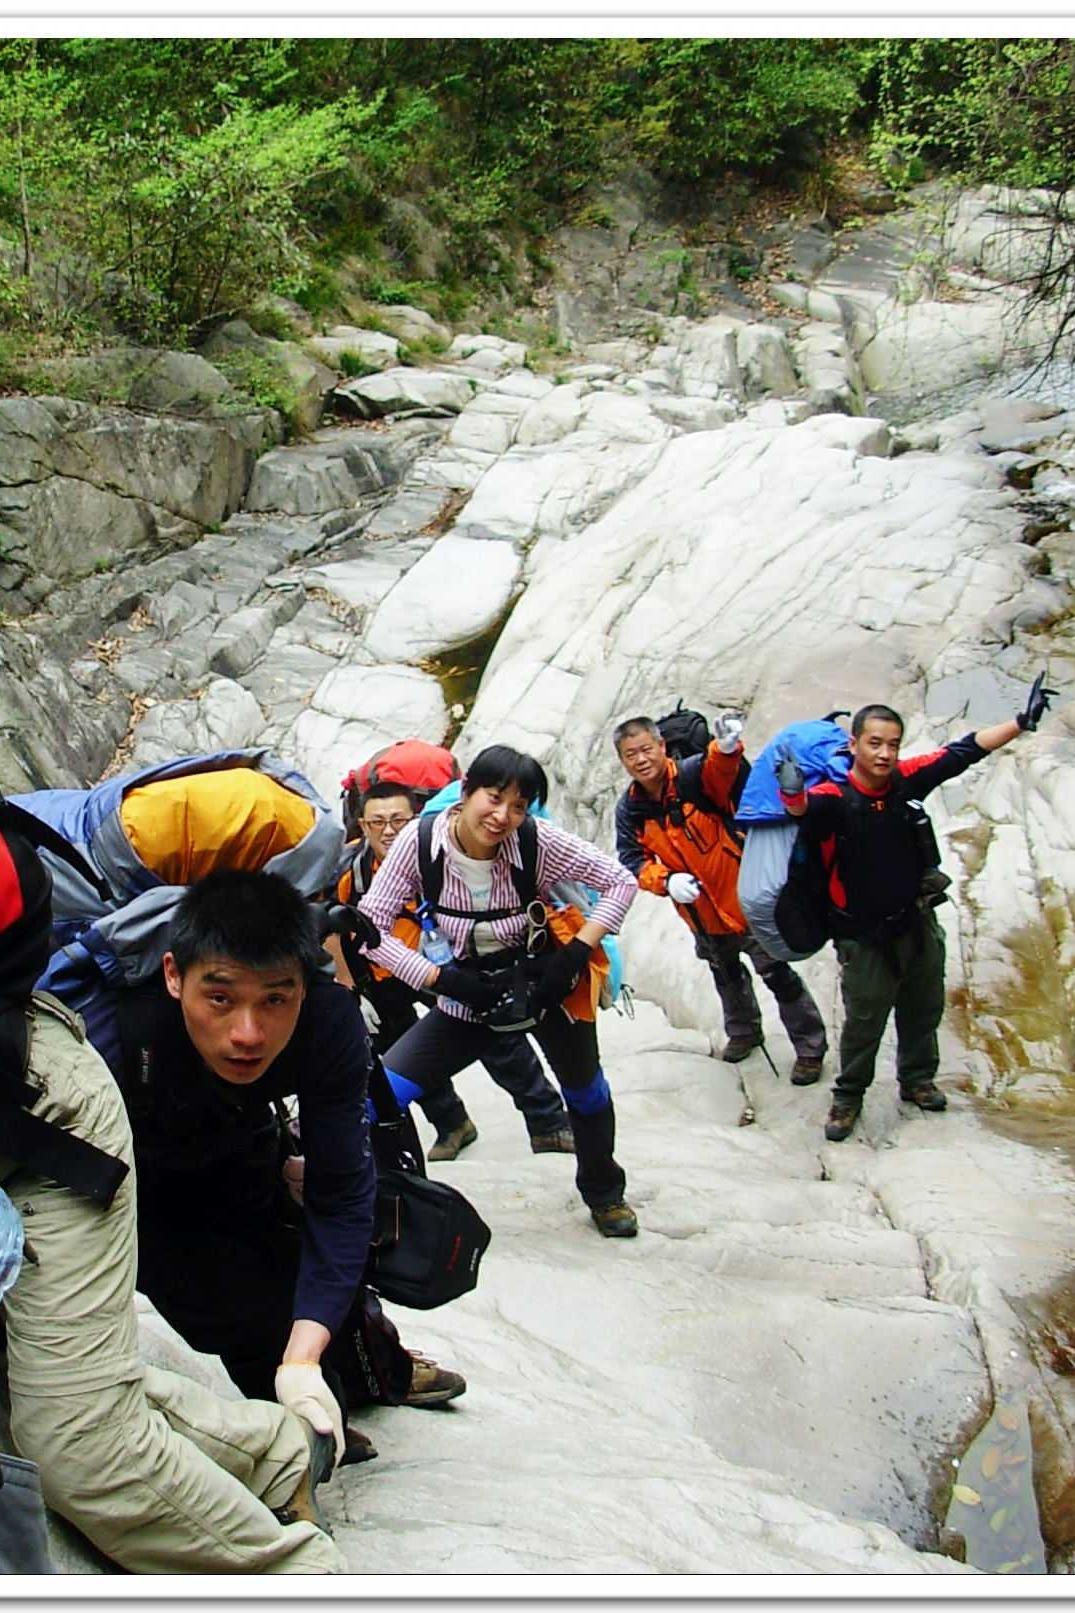 9月12-9月13龙井河狼牙谷重装穿越 林间露营体验